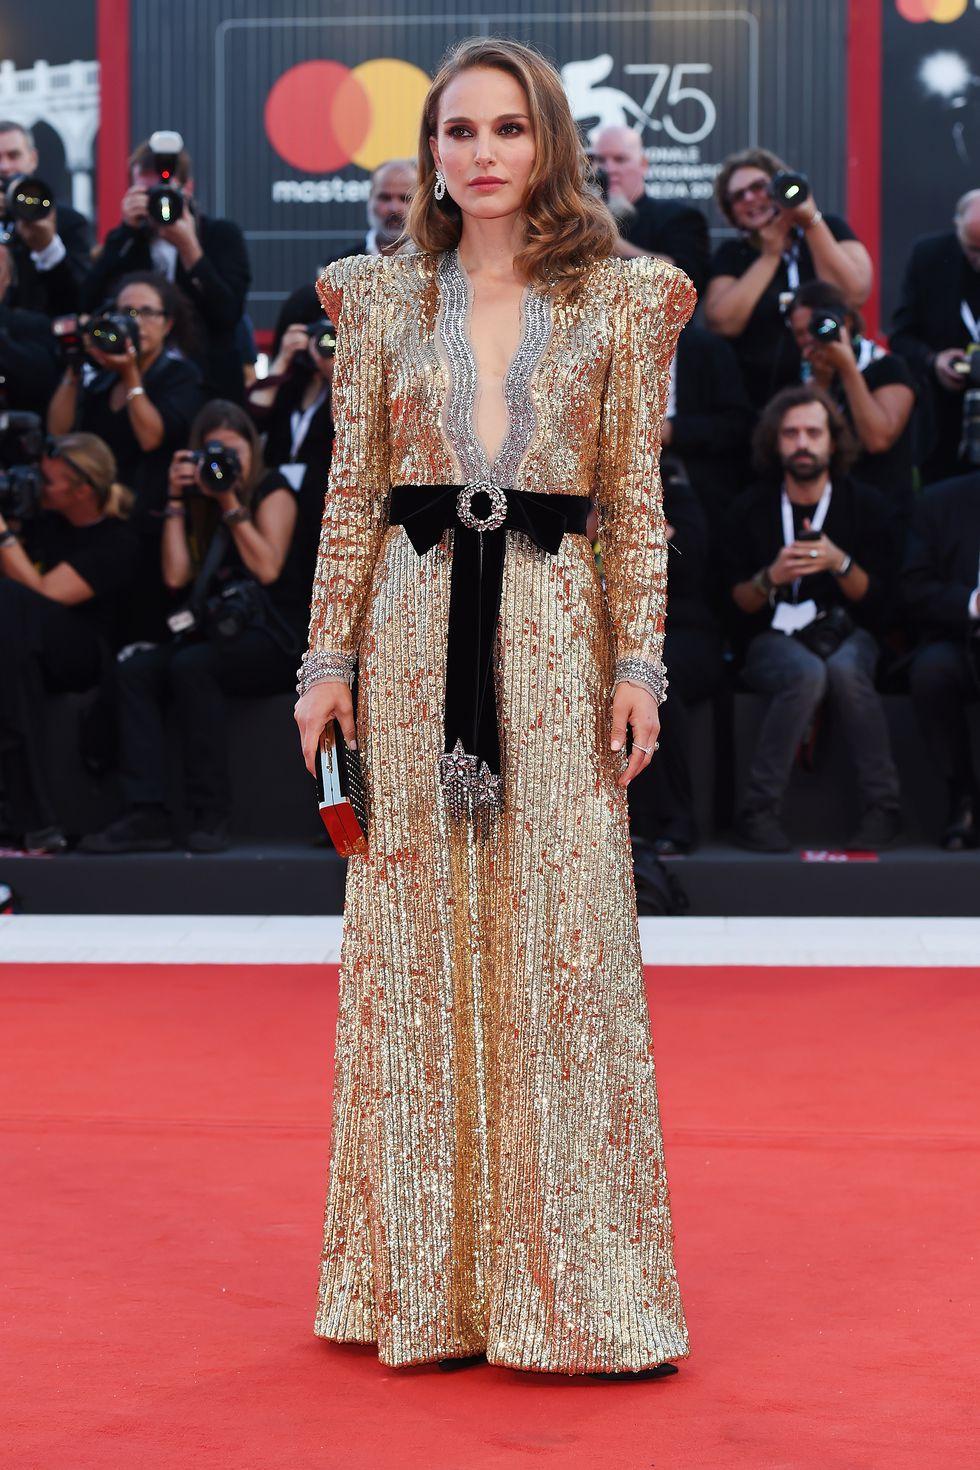 Natalie Portman en une robe de soirée longue dorée en sequin à manche longue